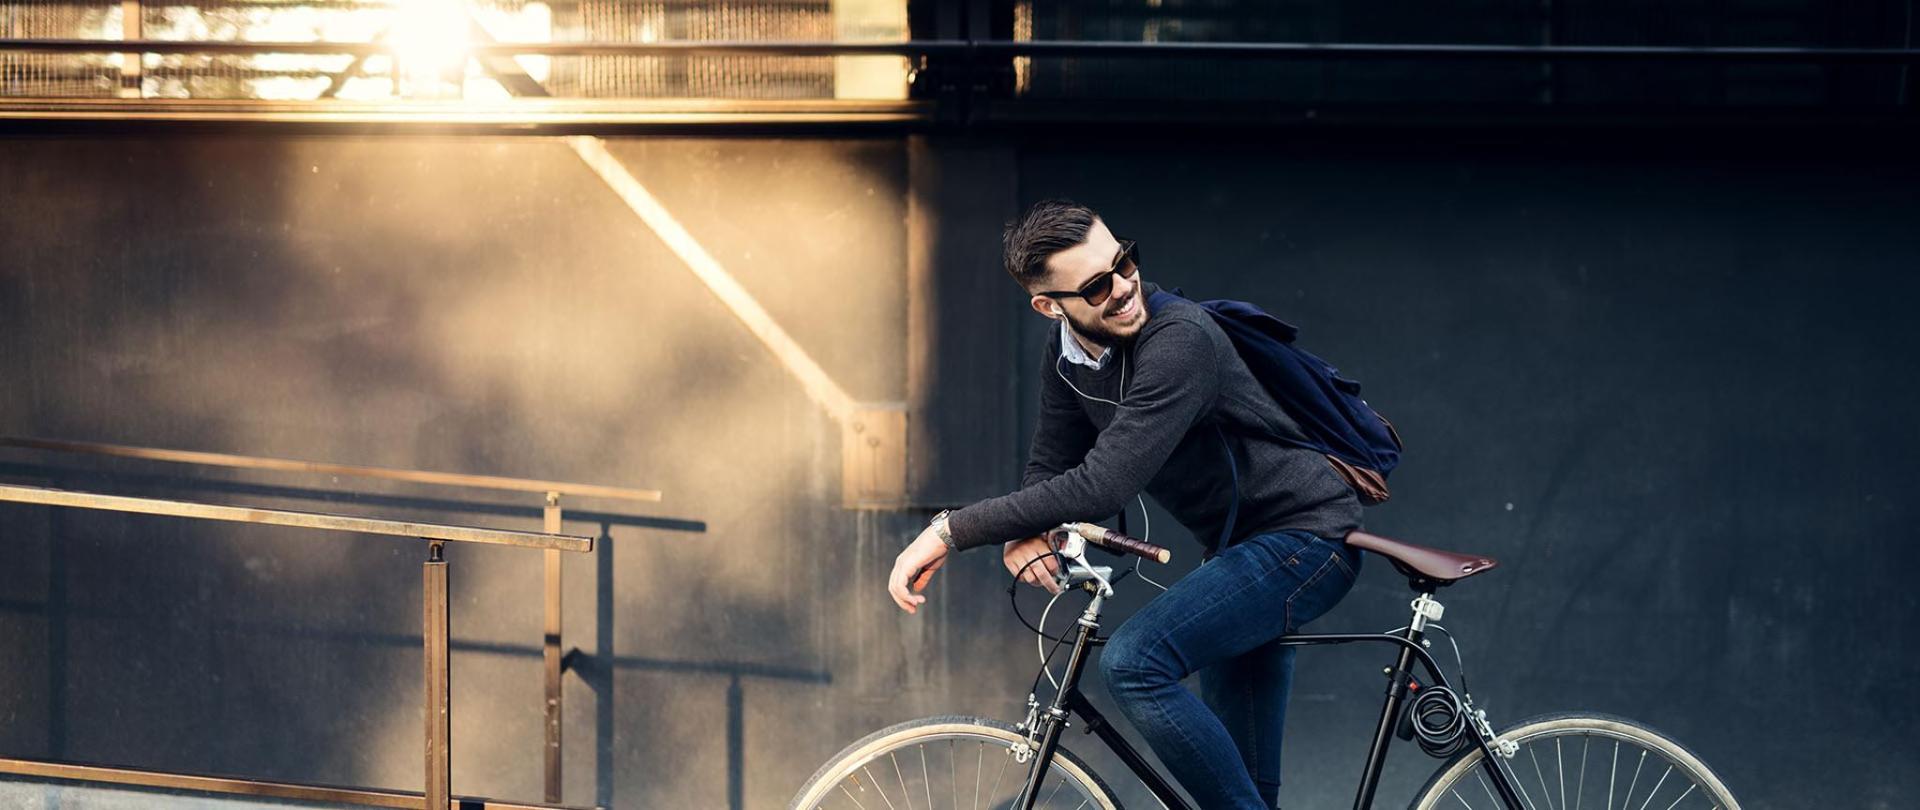 CAM_Biker.jpg